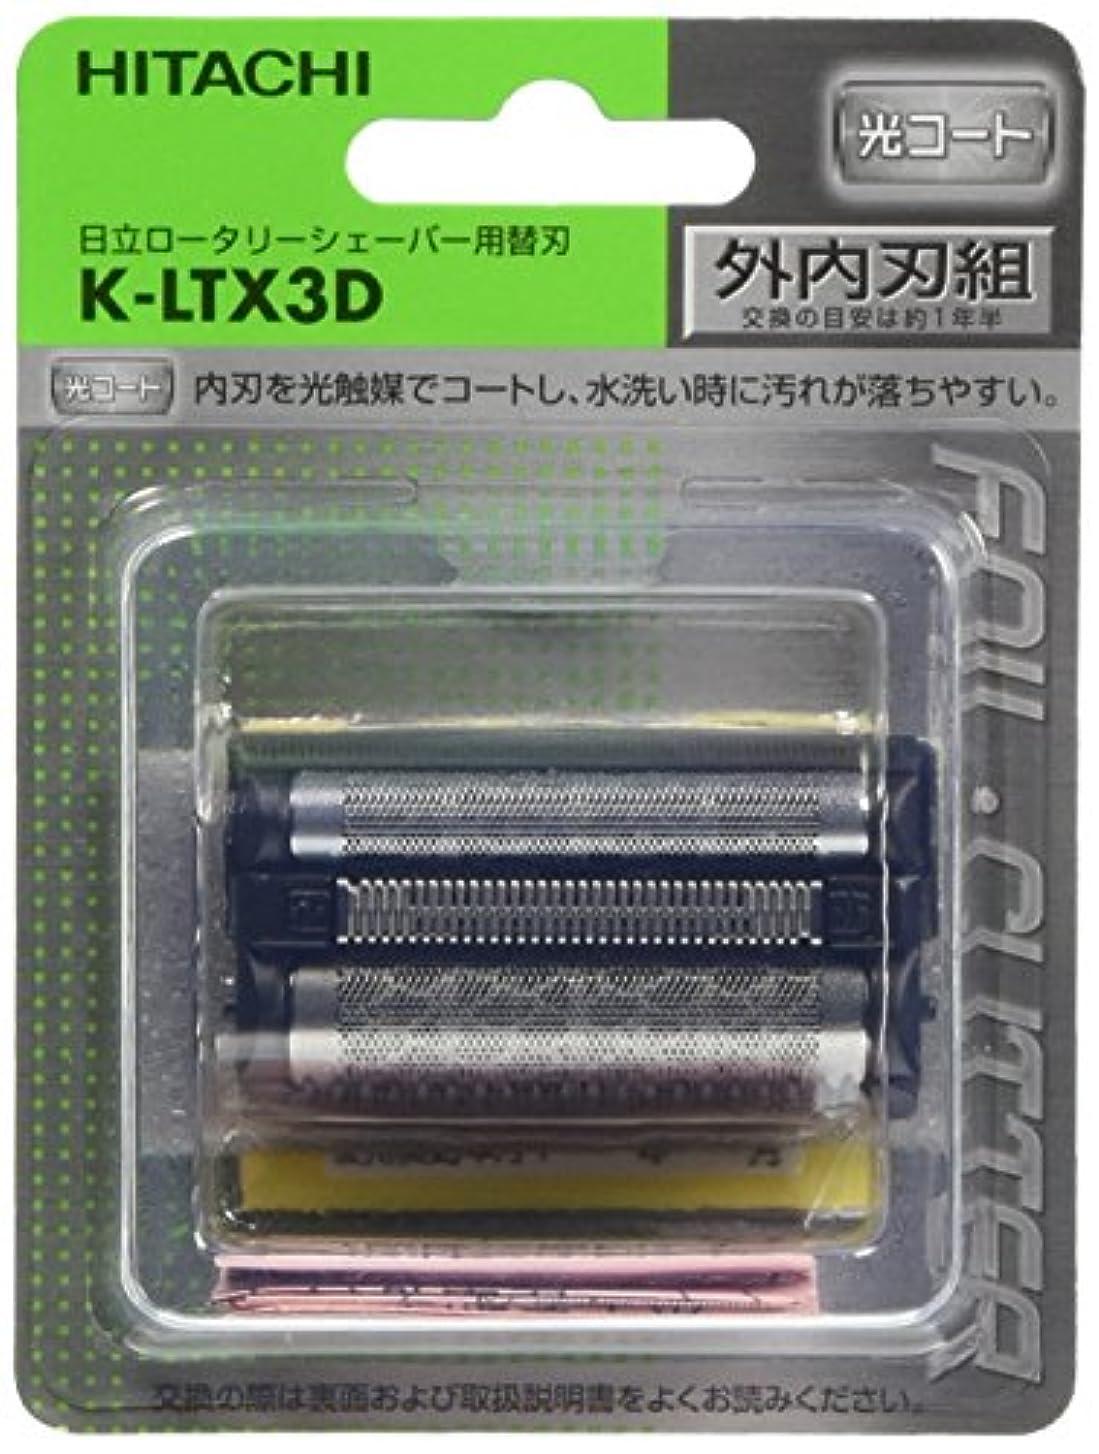 耐えるレコーダーリフト日立 メンズシェーバー用替刃 K-LTX3D